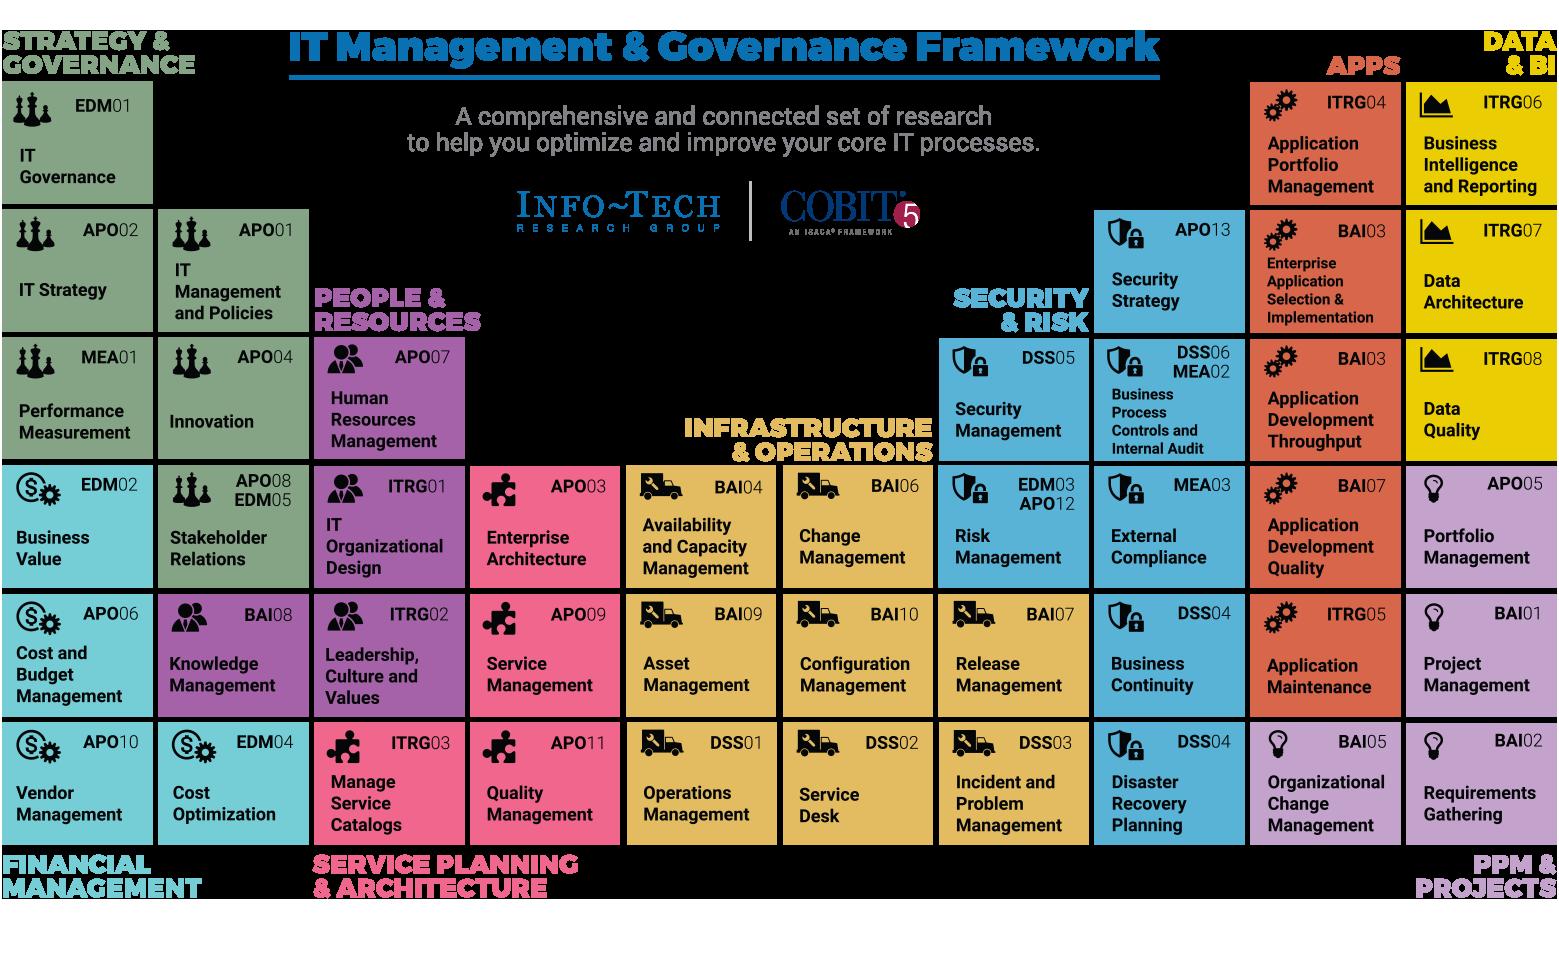 IT Management & Governance Framework